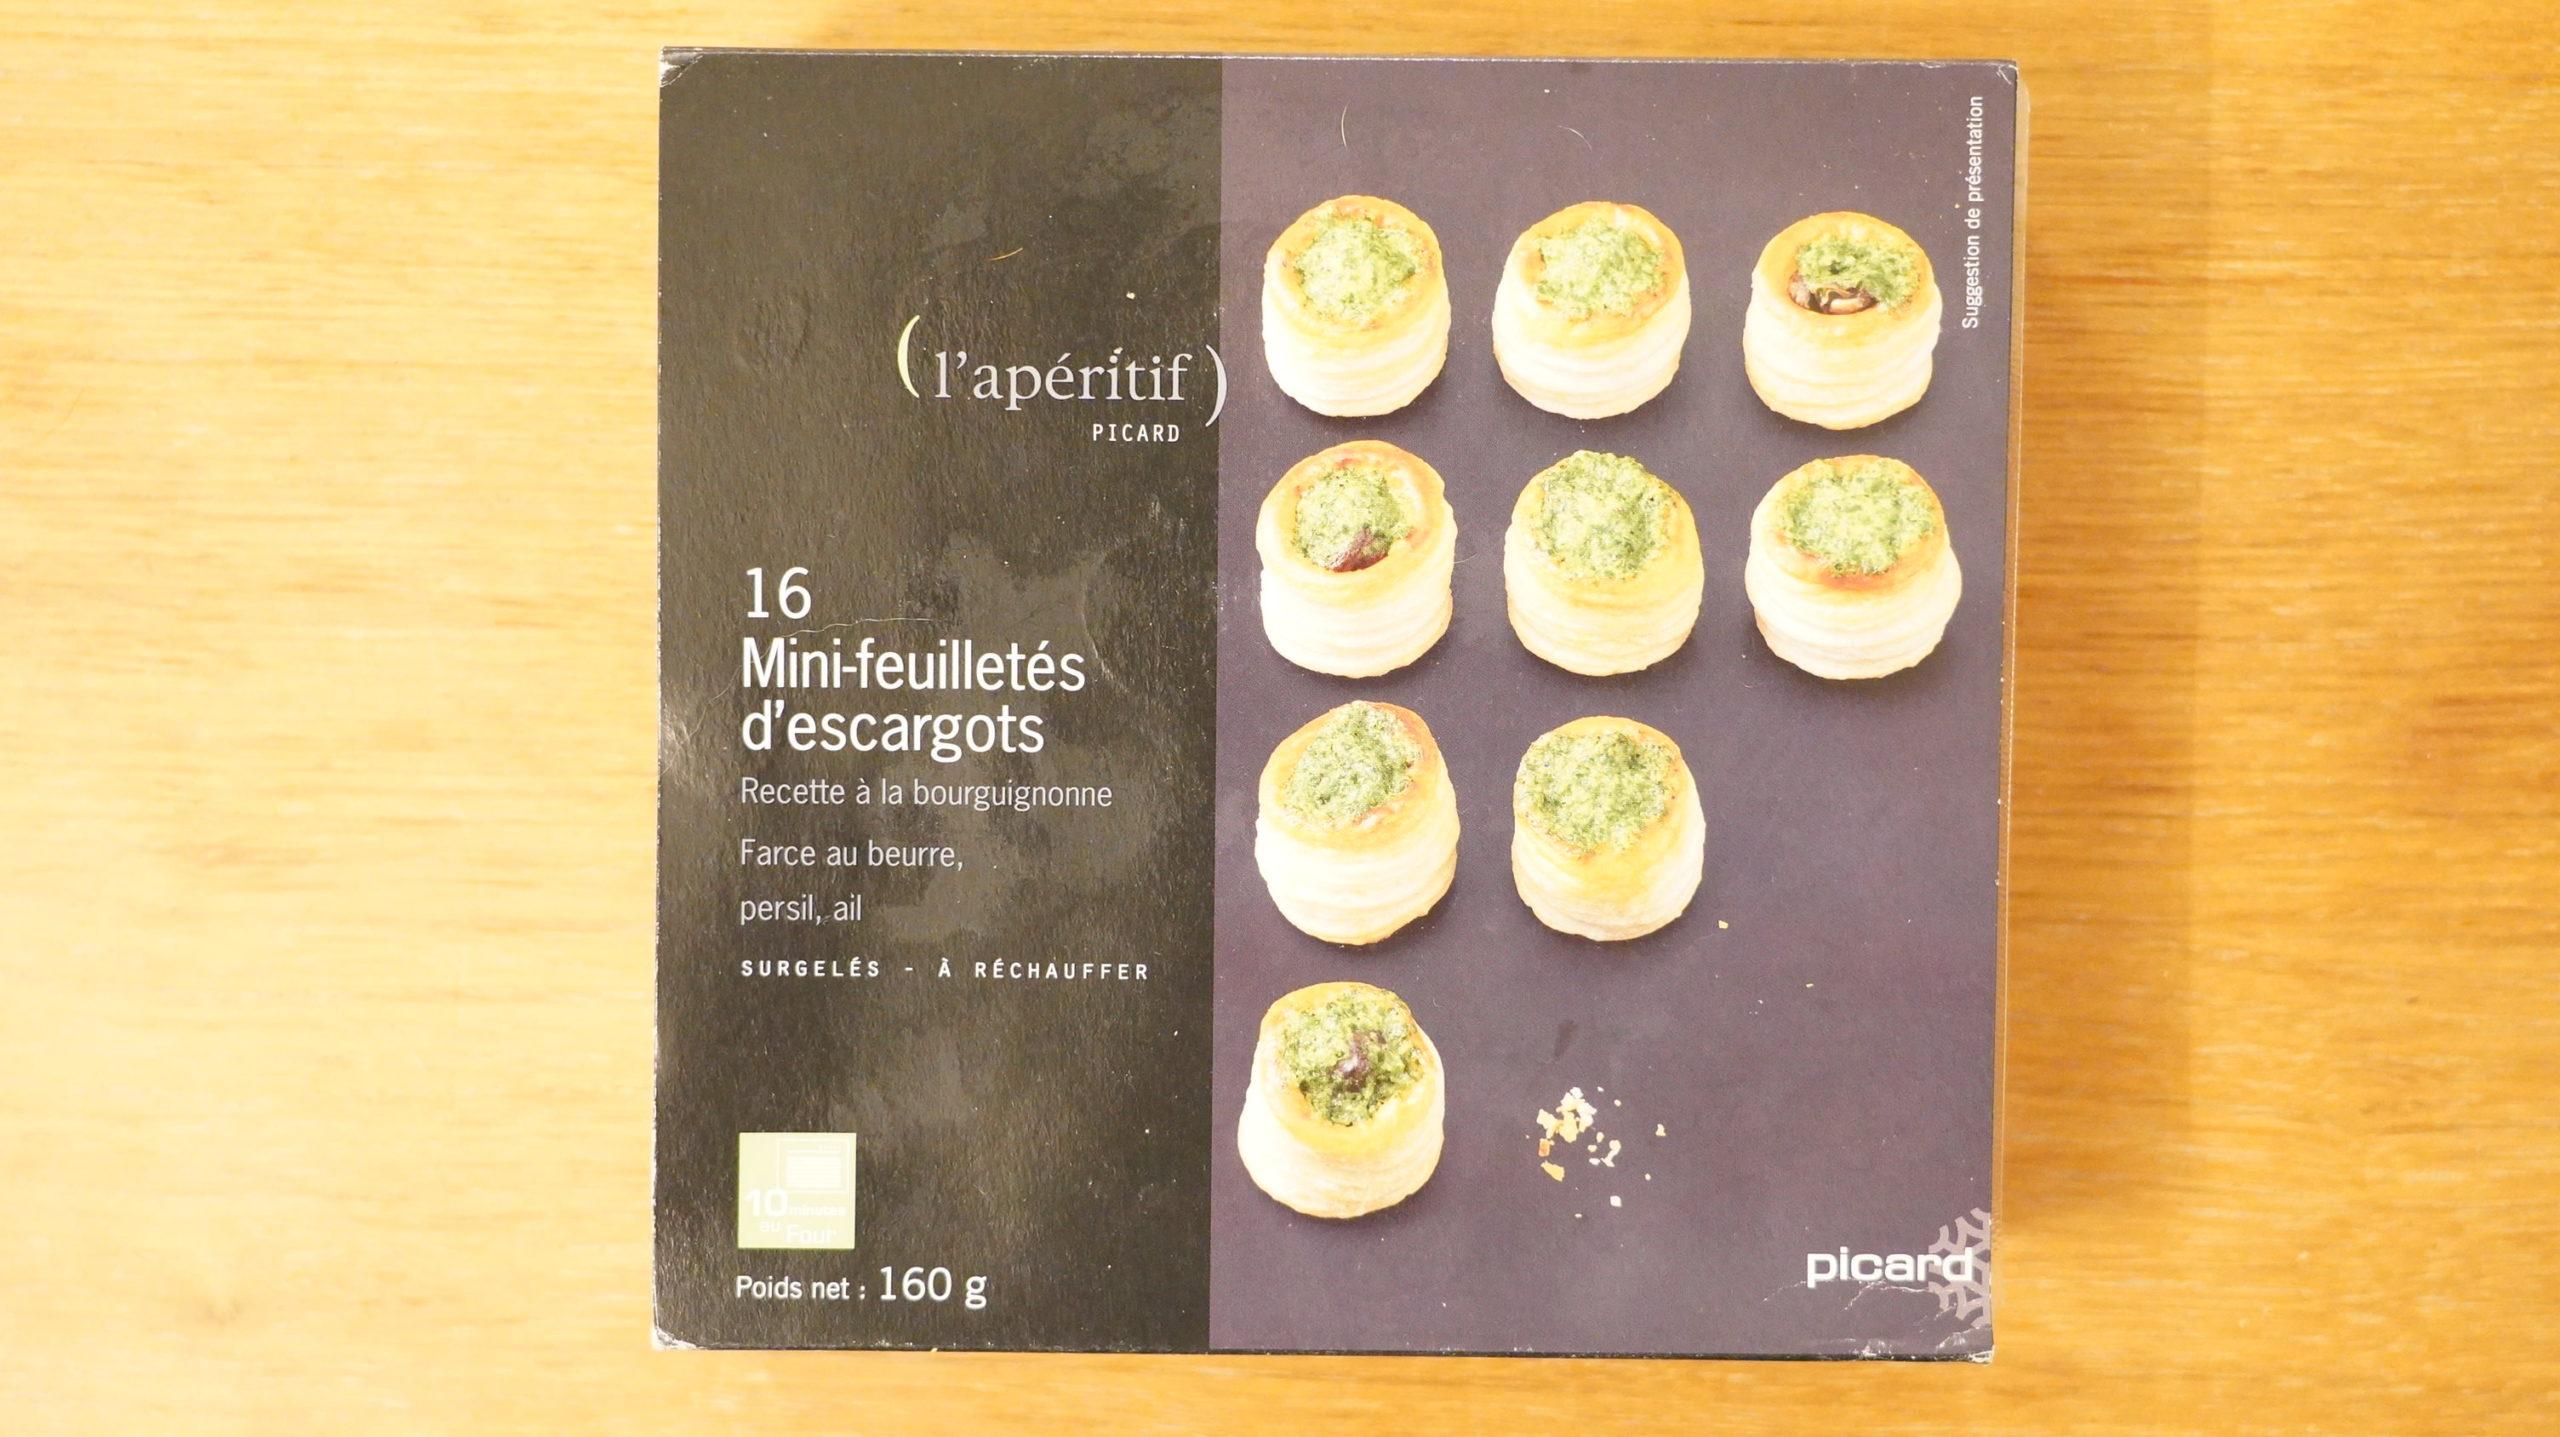 ピカールの冷凍食品「エスカルゴのミニパイ」のパッケージ写真